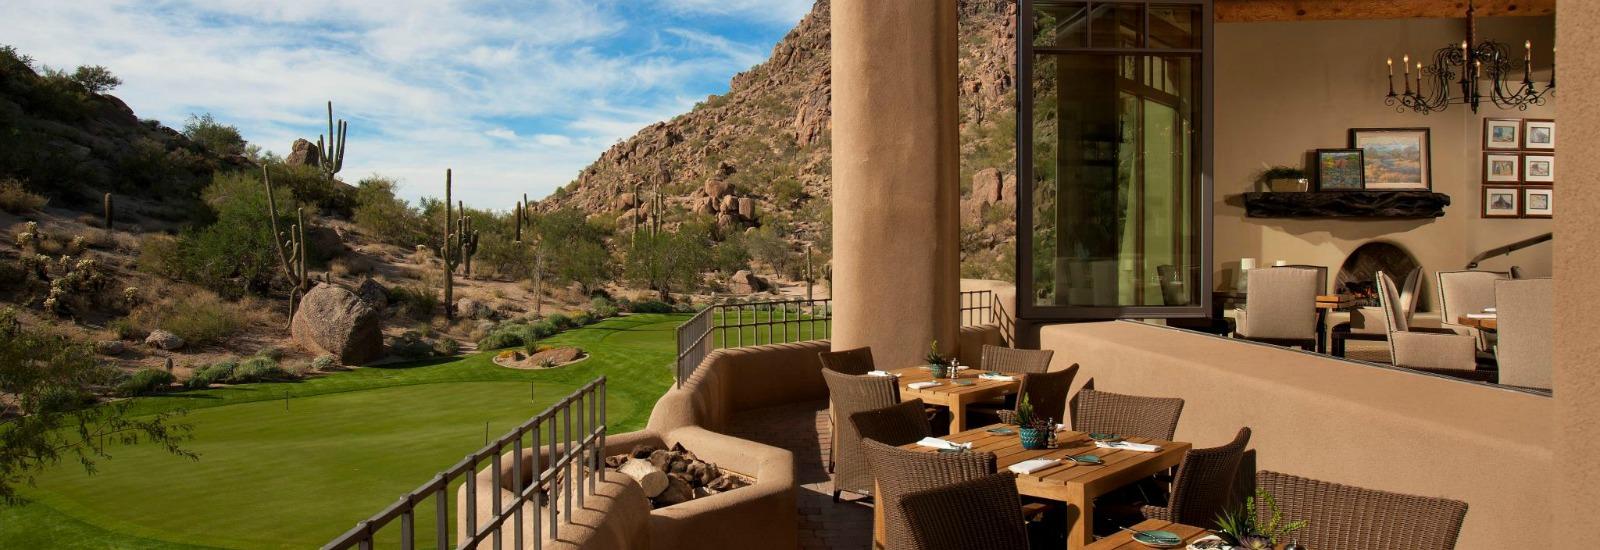 Porch View - Desert Highlands